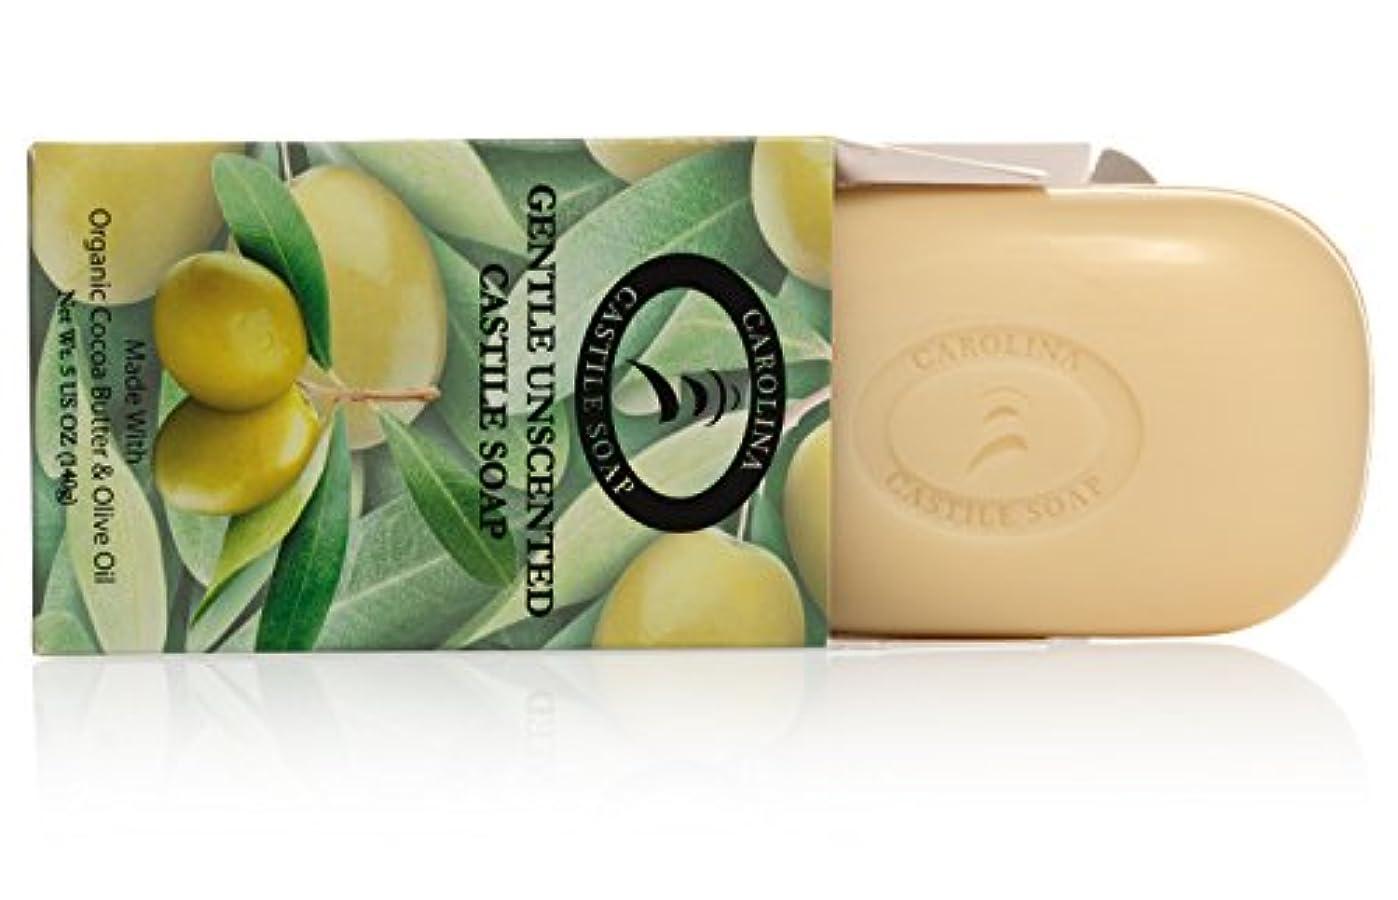 Carolina Castile Soap カカオバターとオリーブオイル5オズ?バーズ(6パック)の有機カスティーリャ石鹸ジェントル無香料